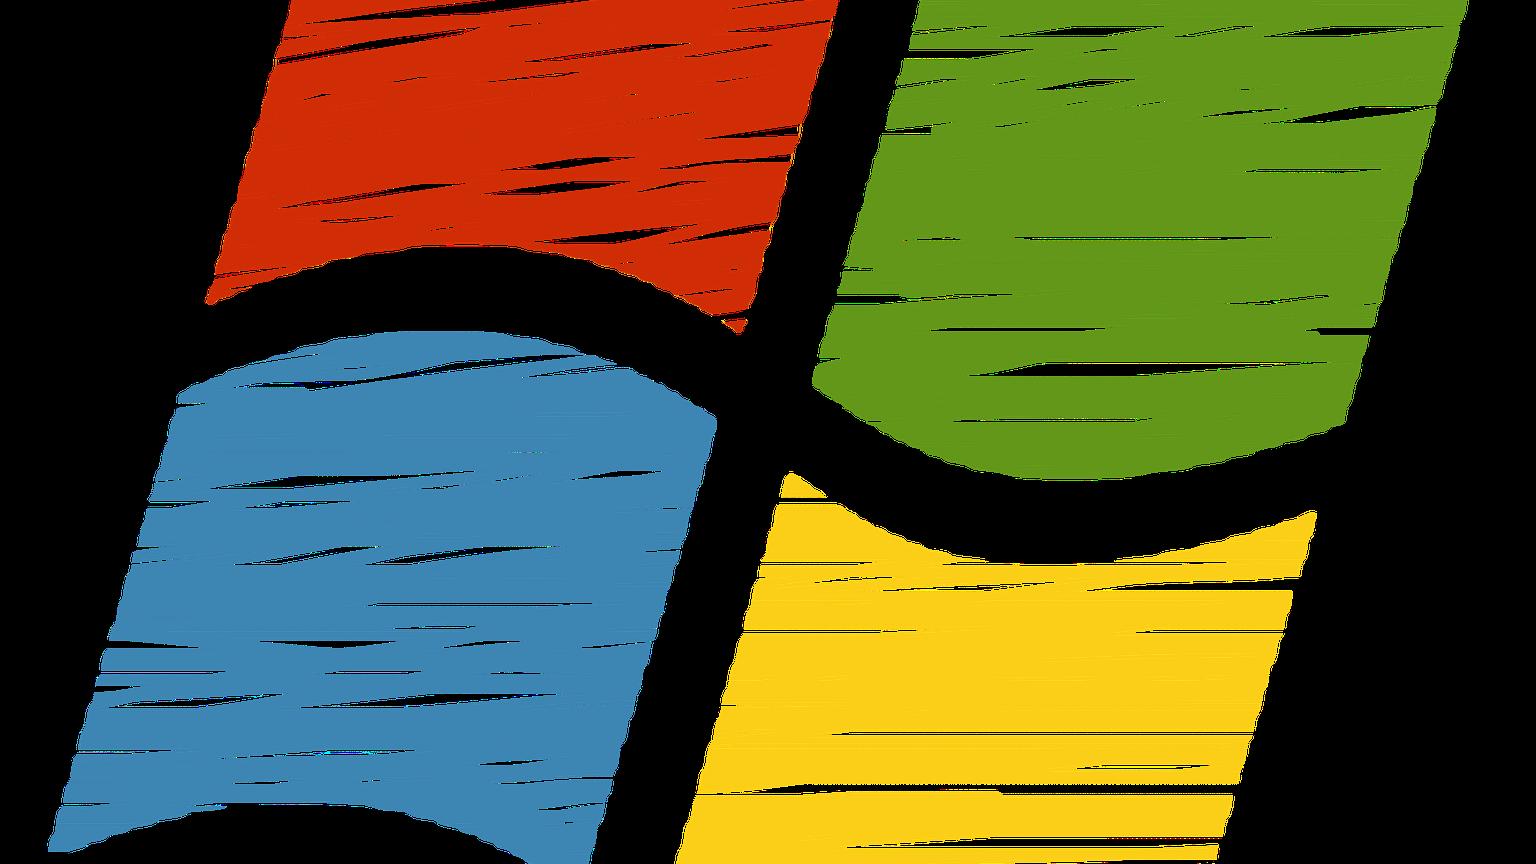 Windows: Von 32 Bit auf 64 Bit wechseln - so geht's